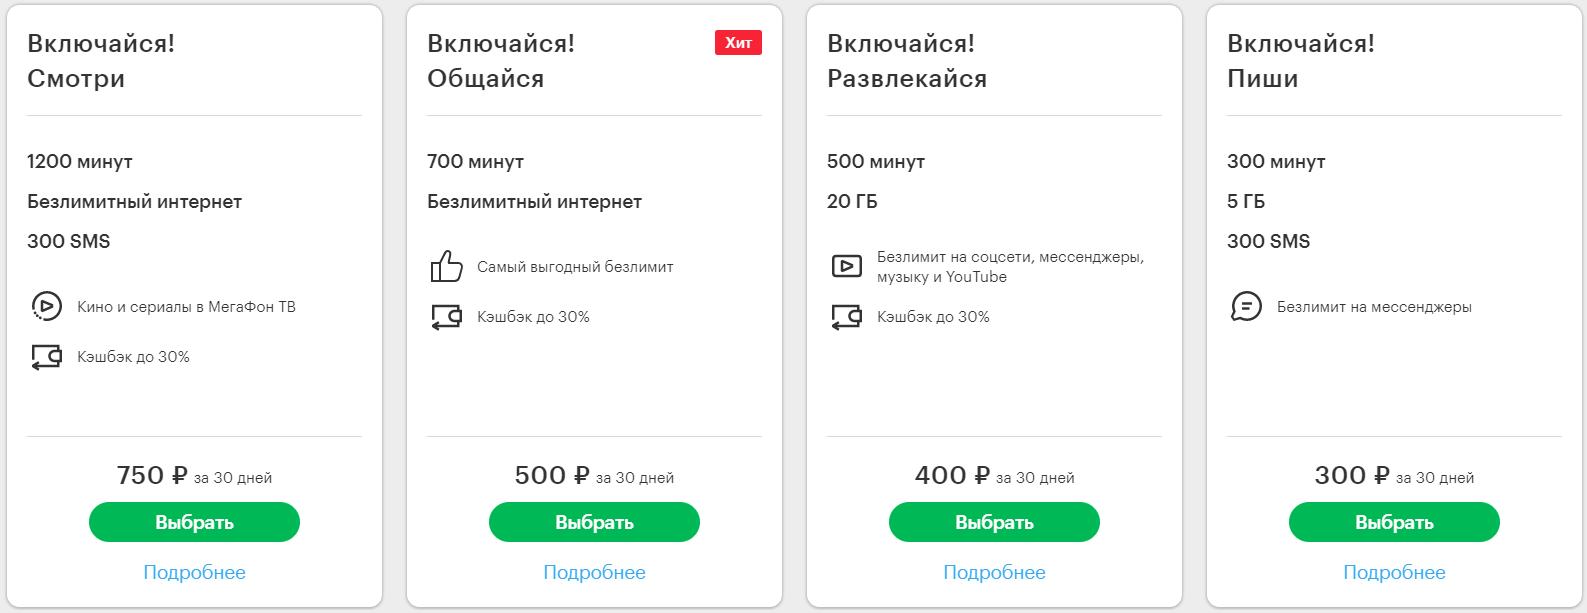 Тарифы Мегафона в Смоленске для смартфона